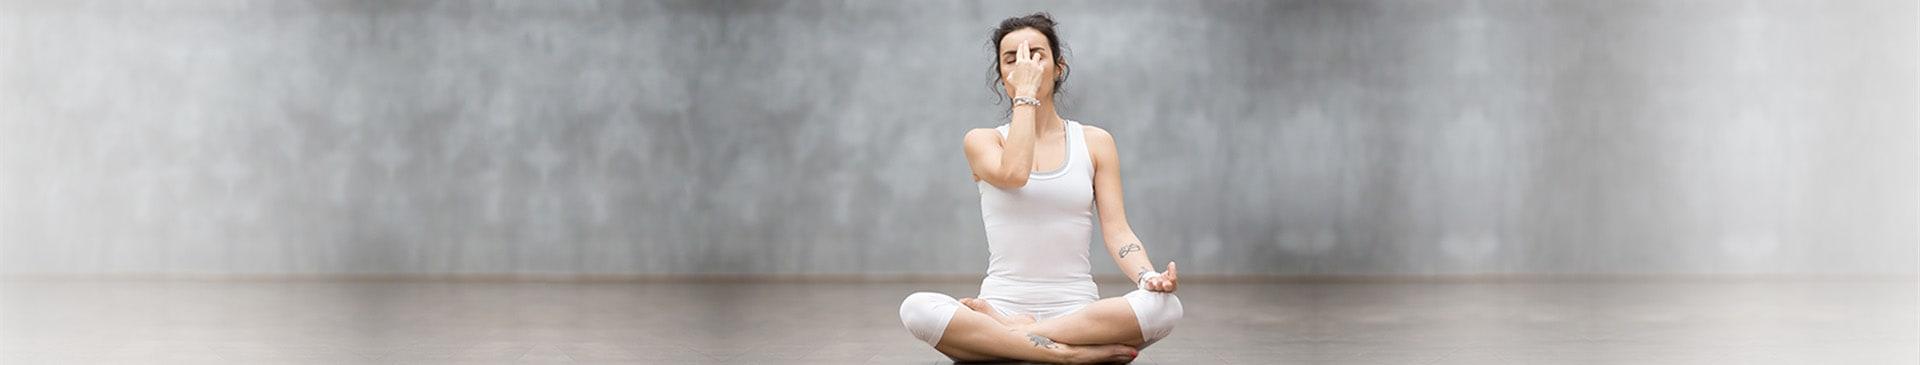 ademhalingsoefeningen - pranayama